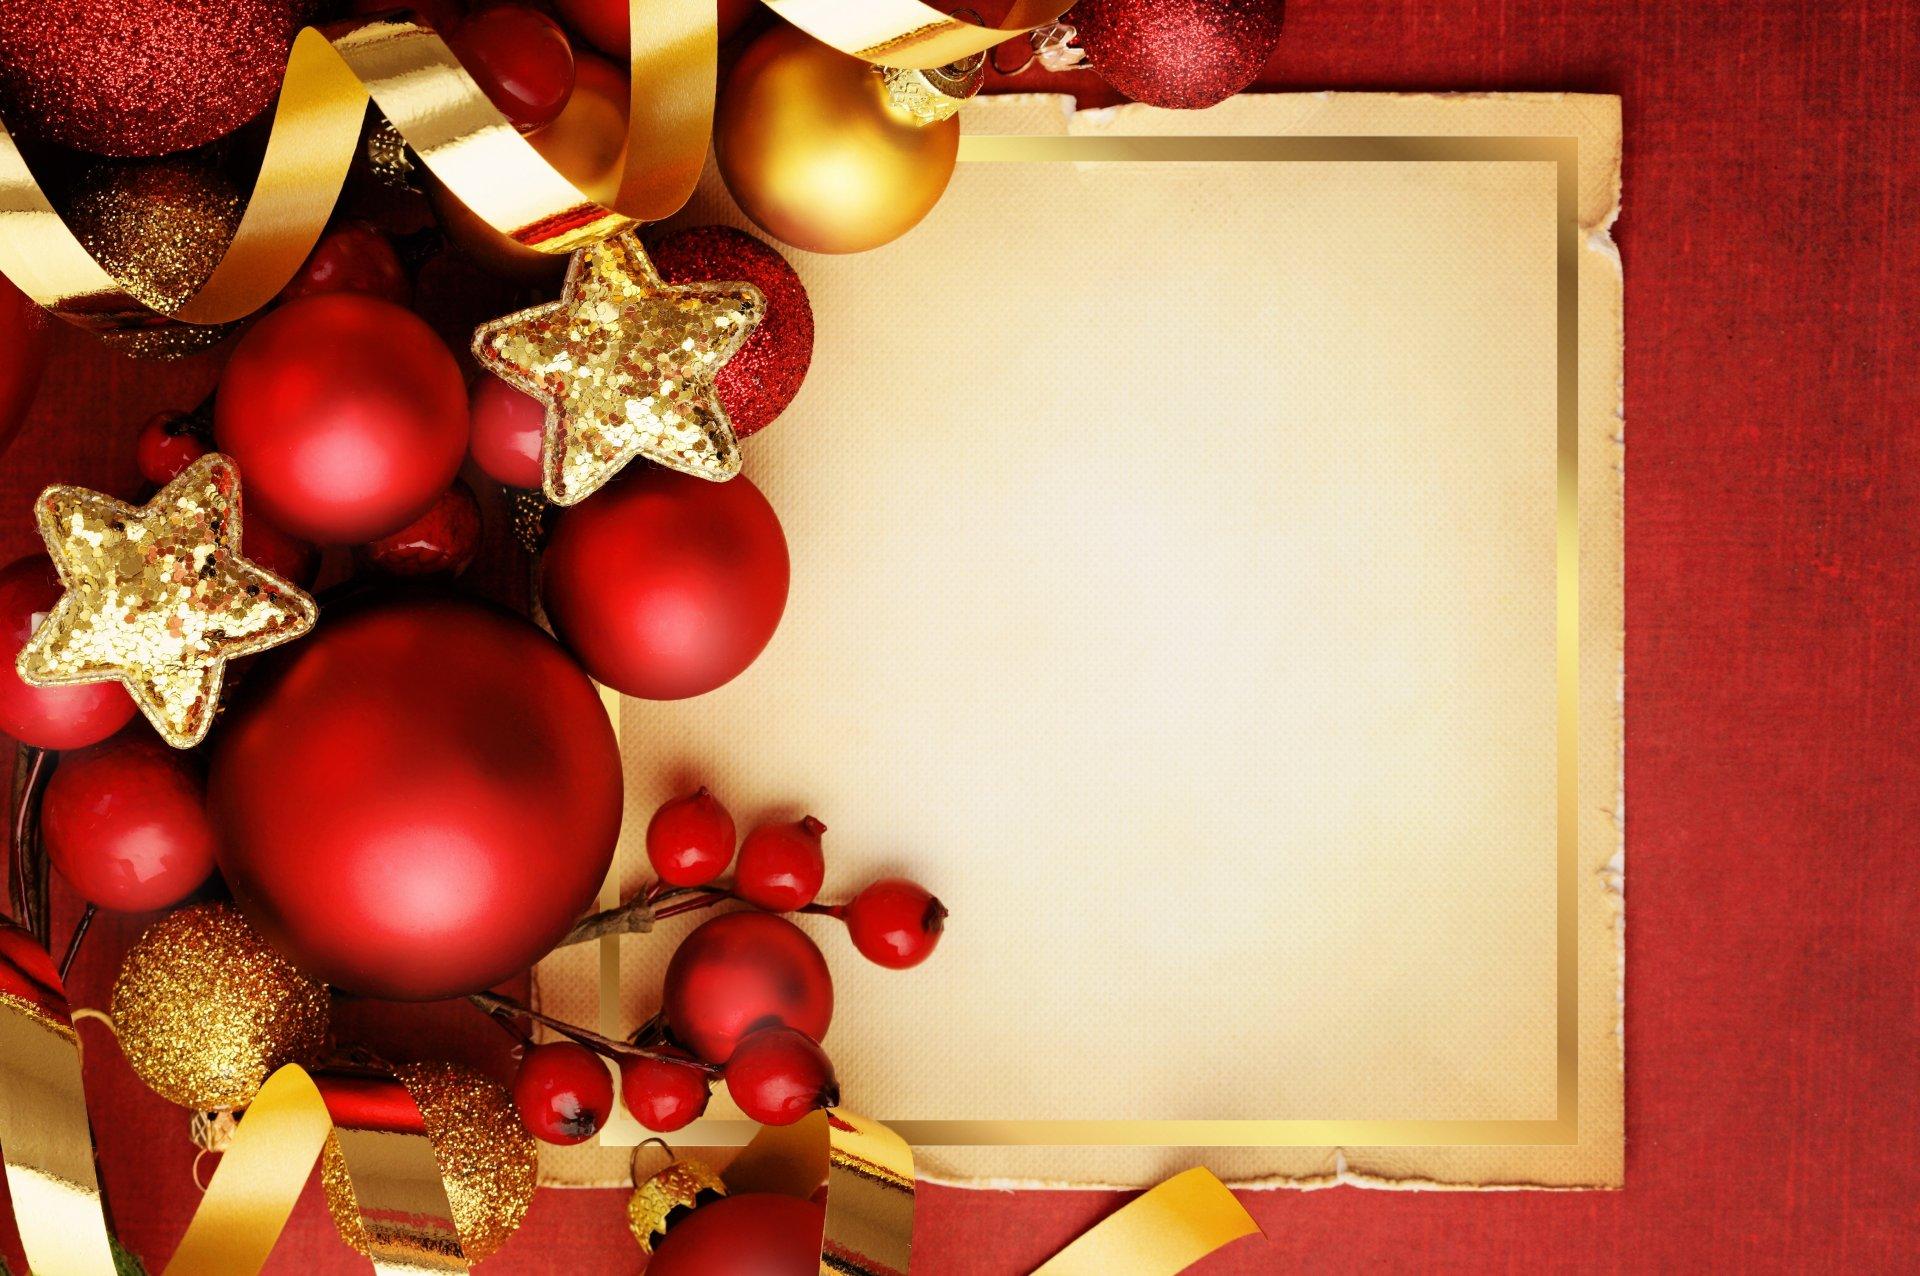 Открытка для поздравления с новым годом без текста